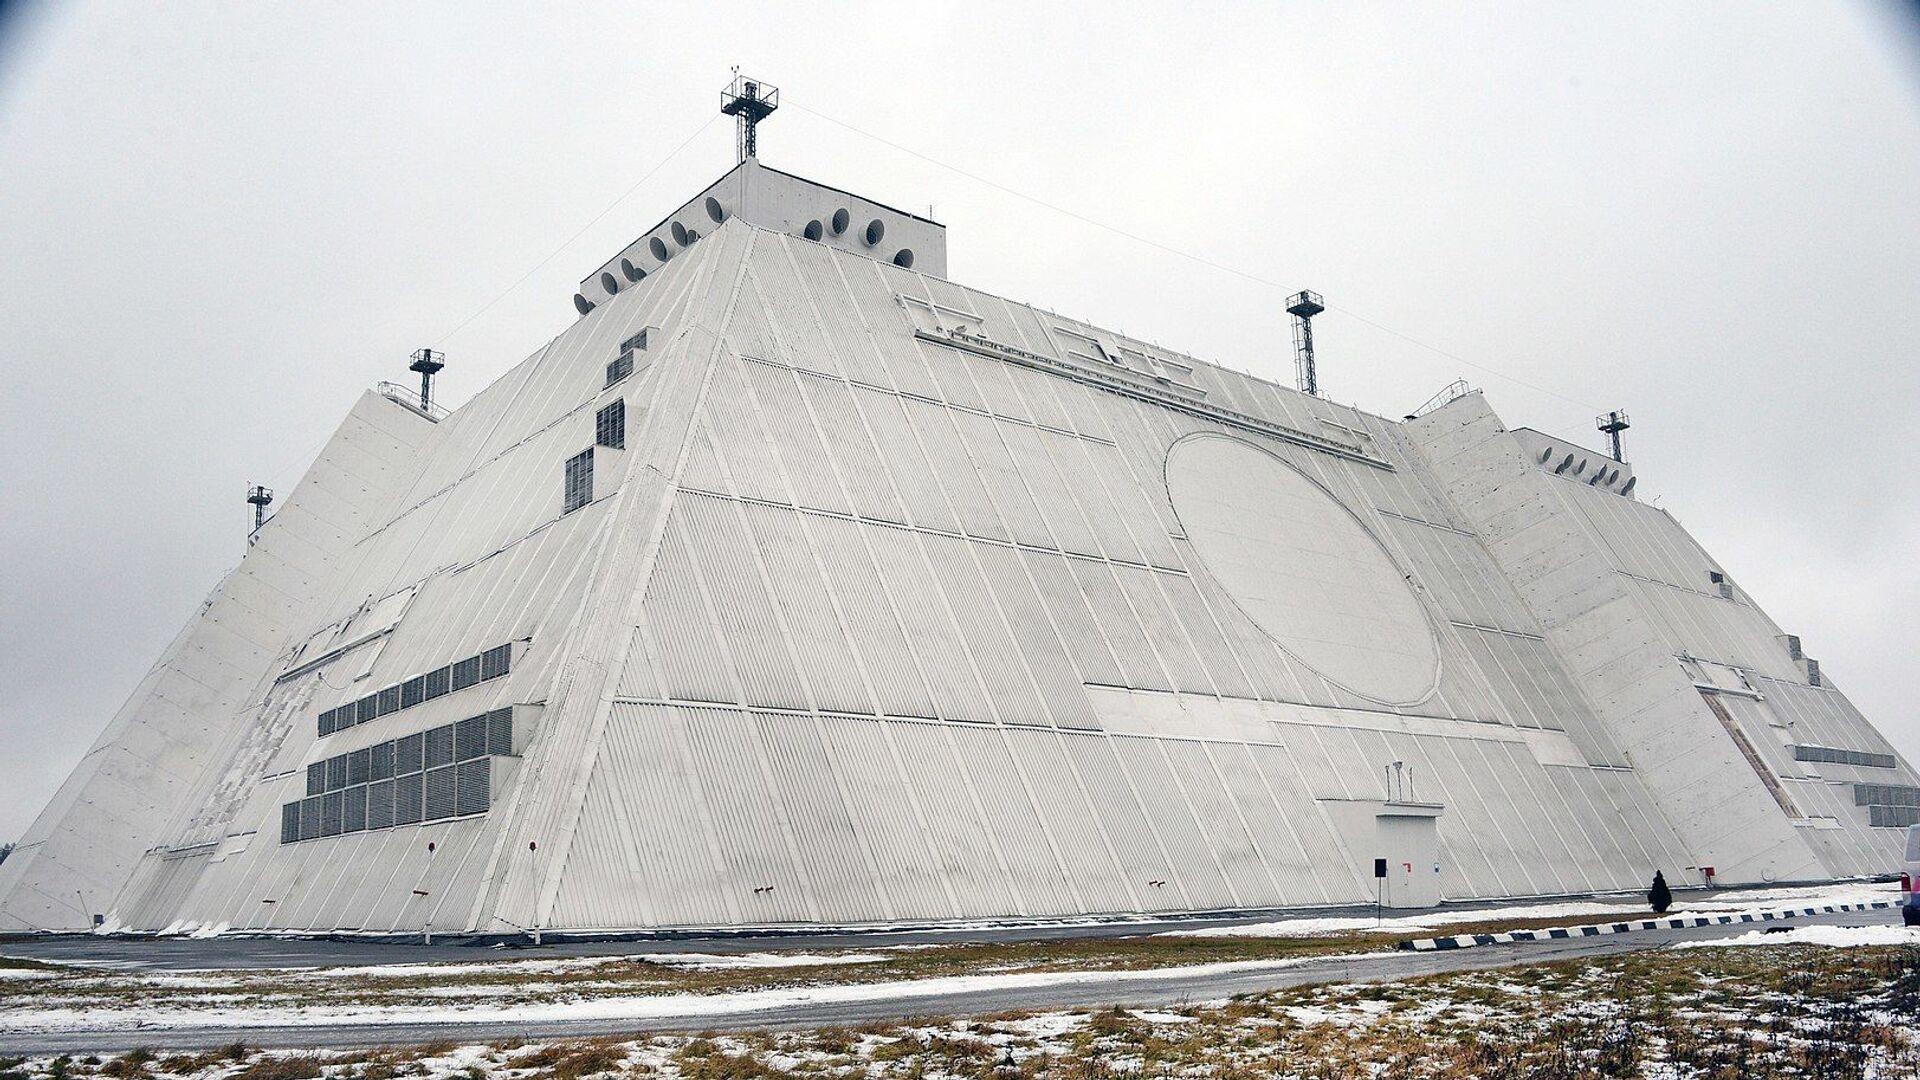 Radiolokační stanice systému protivzdušné obrany Don-2N v Moskevské oblasti - Sputnik Česká republika, 1920, 27.08.2021